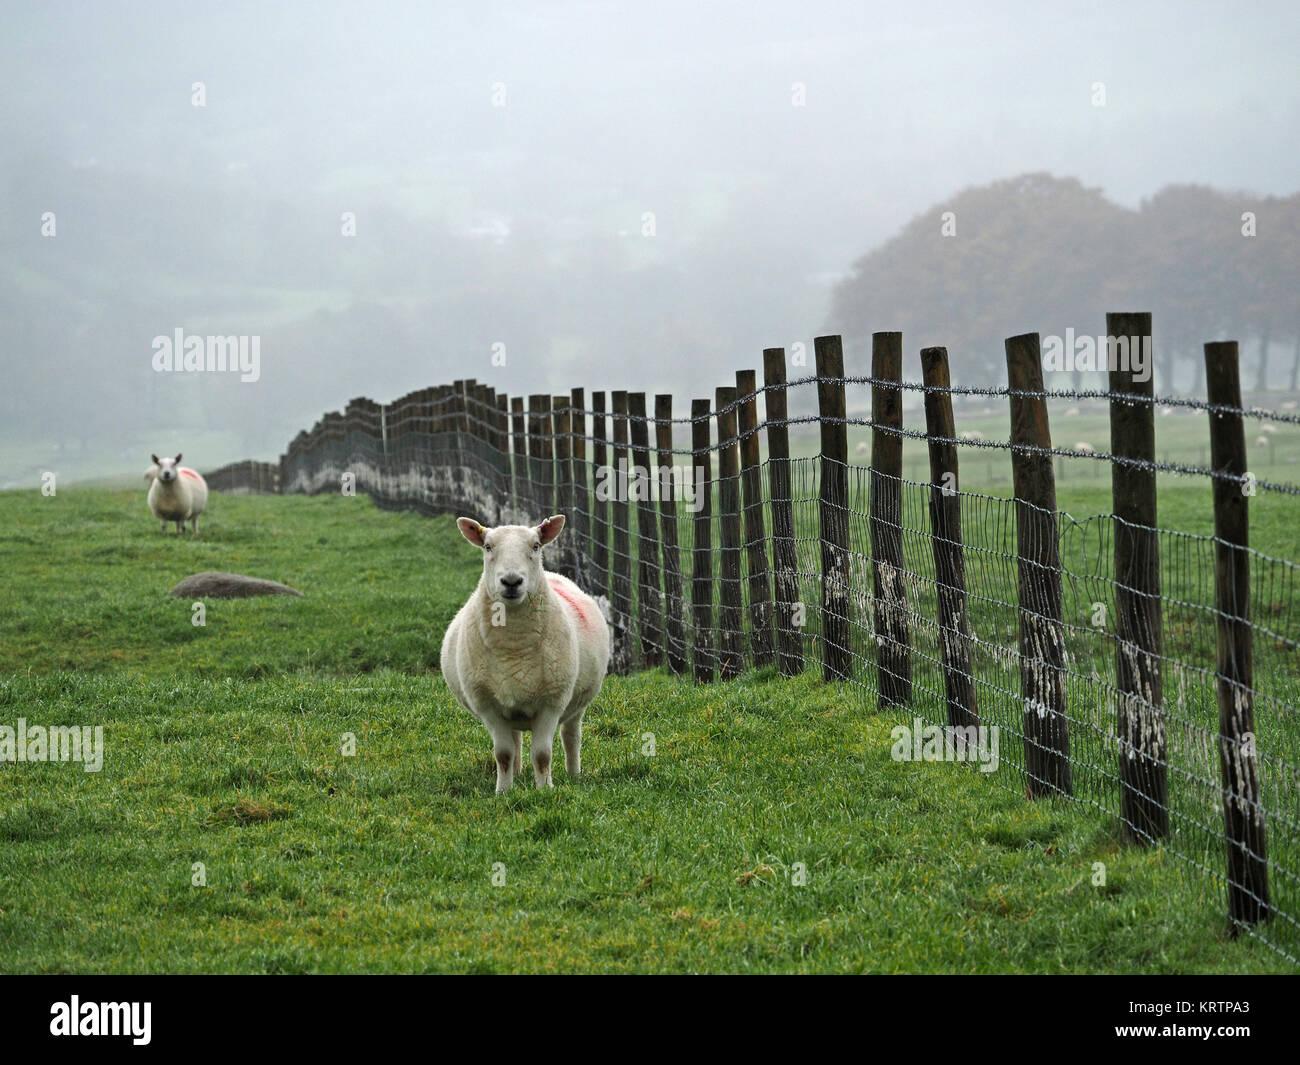 Wire Sheep Fence Uk Stockfotos & Wire Sheep Fence Uk Bilder - Alamy